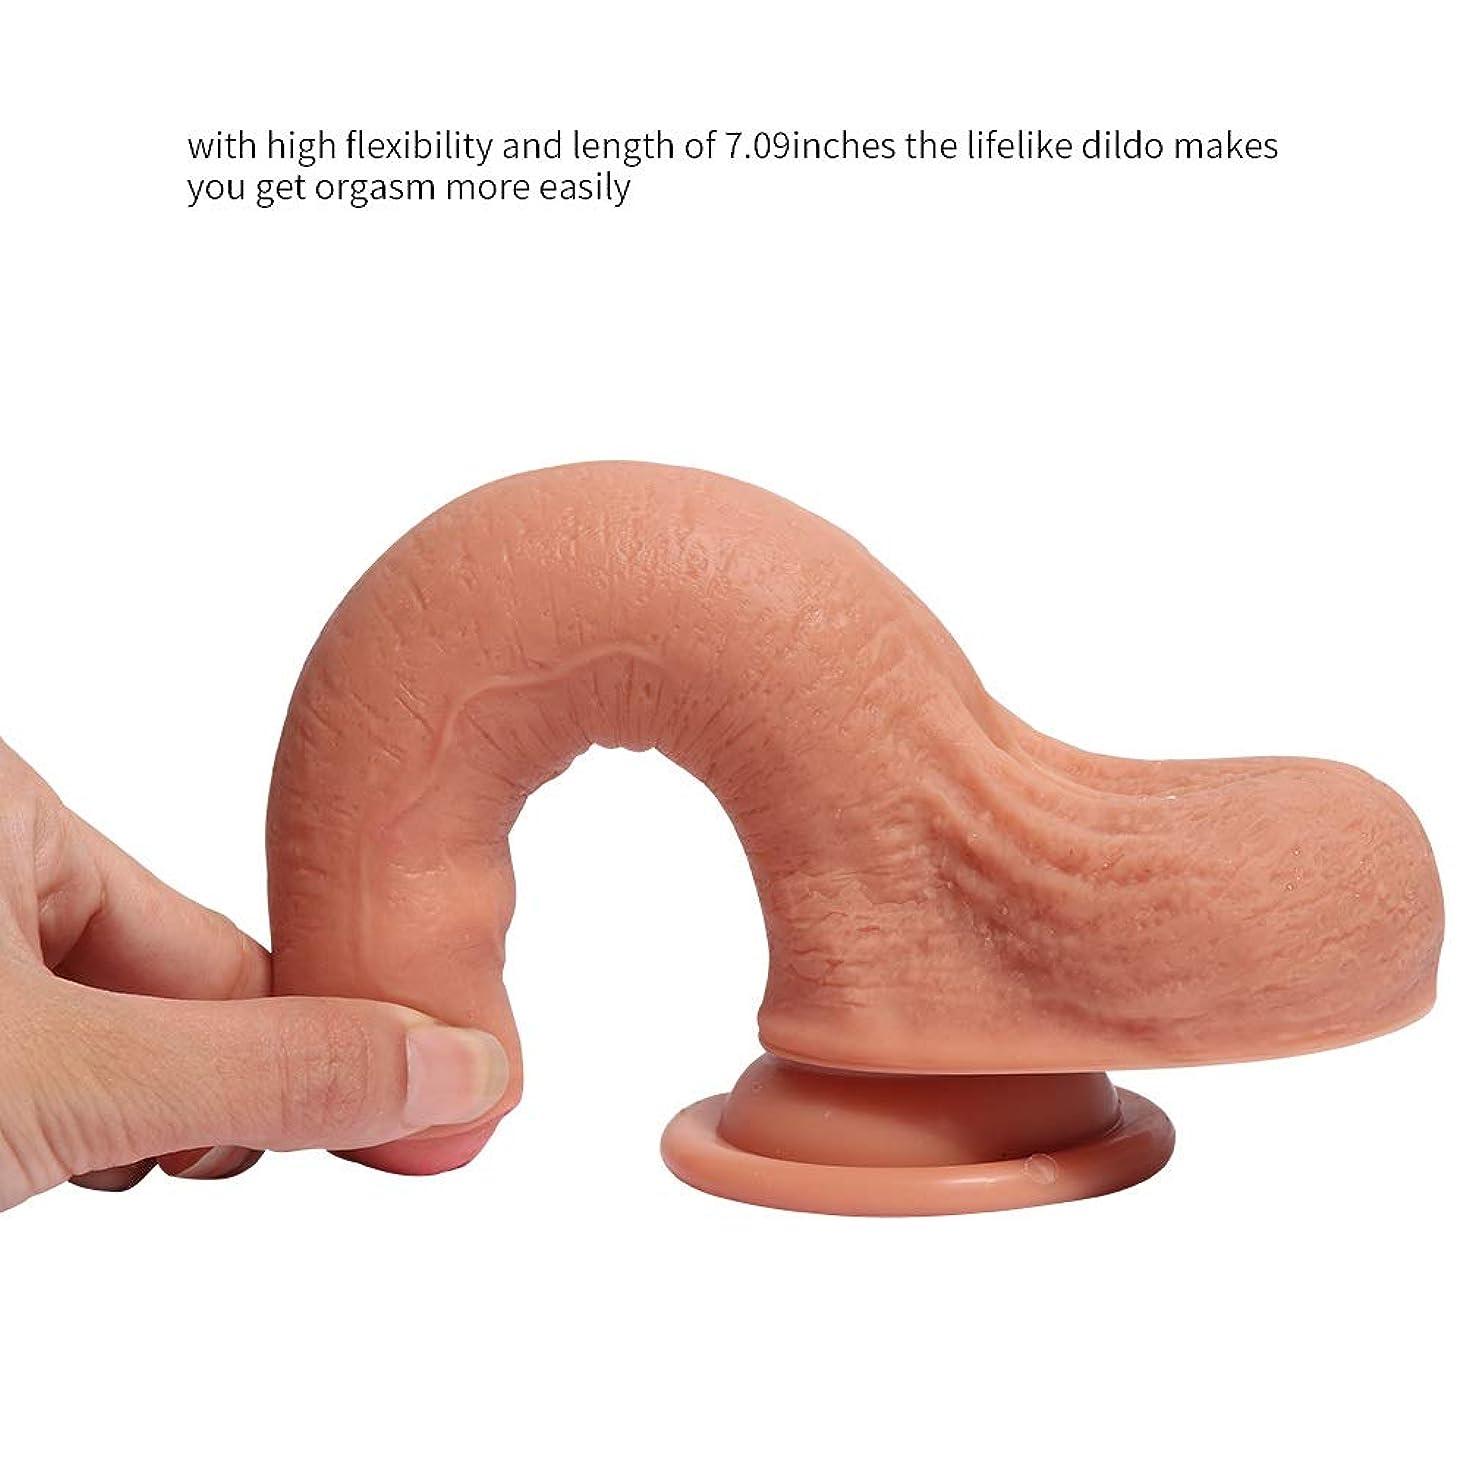 野心まっすぐにする簡潔なRSZ-c 品質向上と二層シリコーン材料なしのプレミアムおもちゃのカップルマッサージスティック